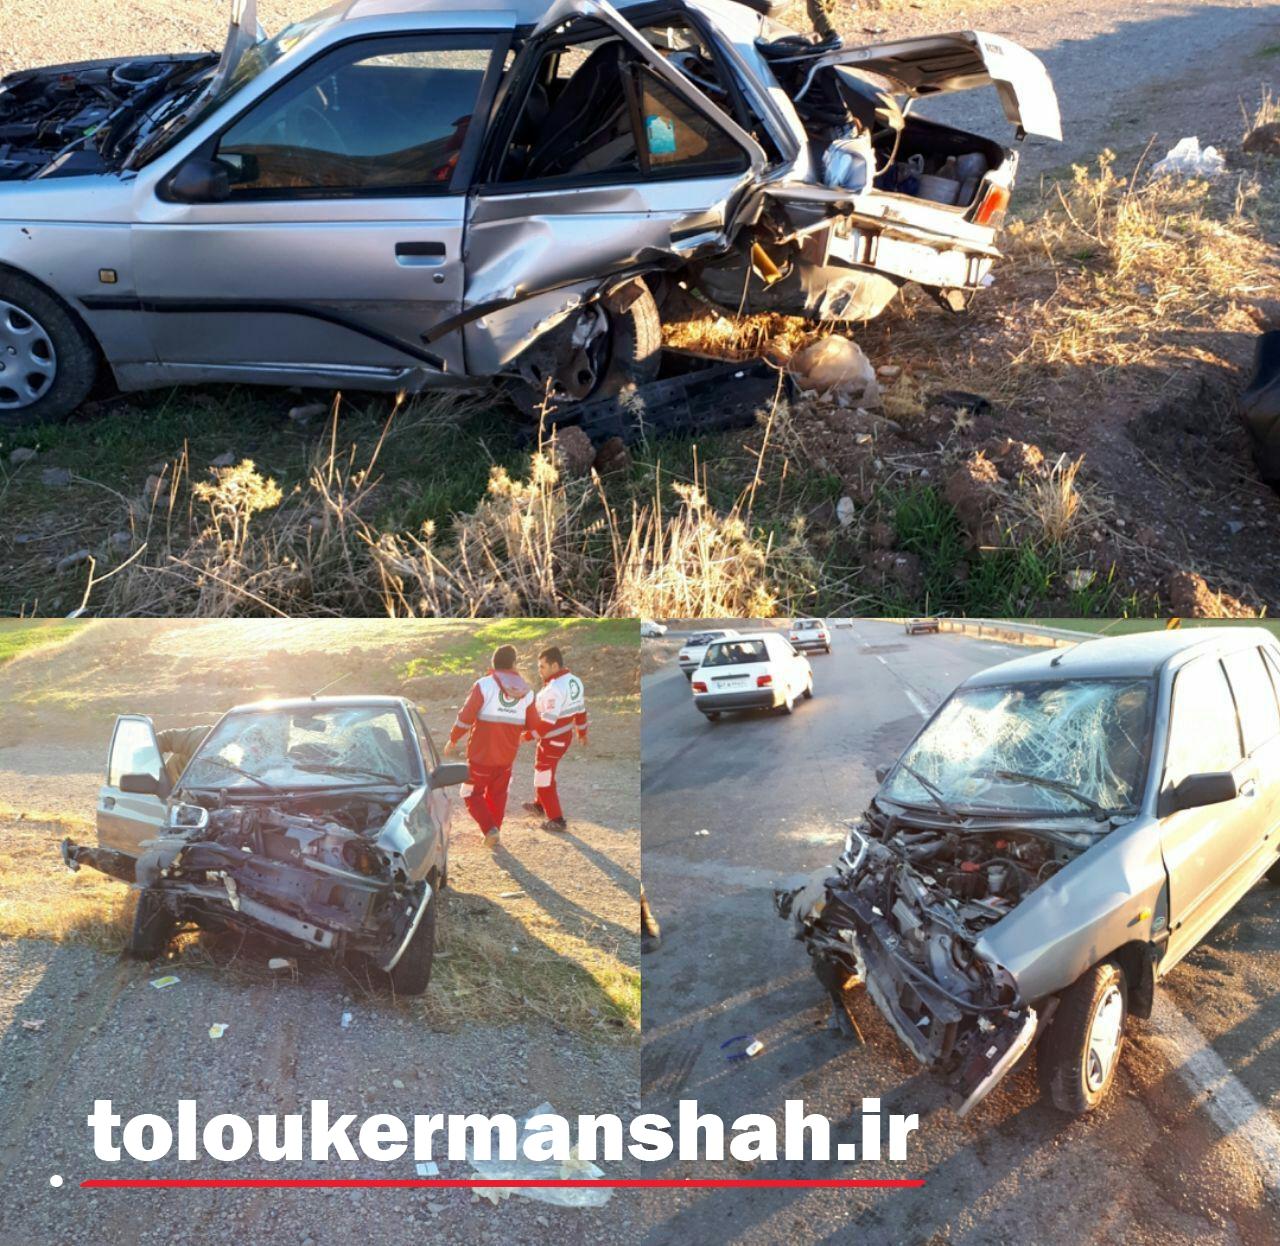 دو کشته و مجروح بر اثر سانحه رانندگی در کرمانشاه